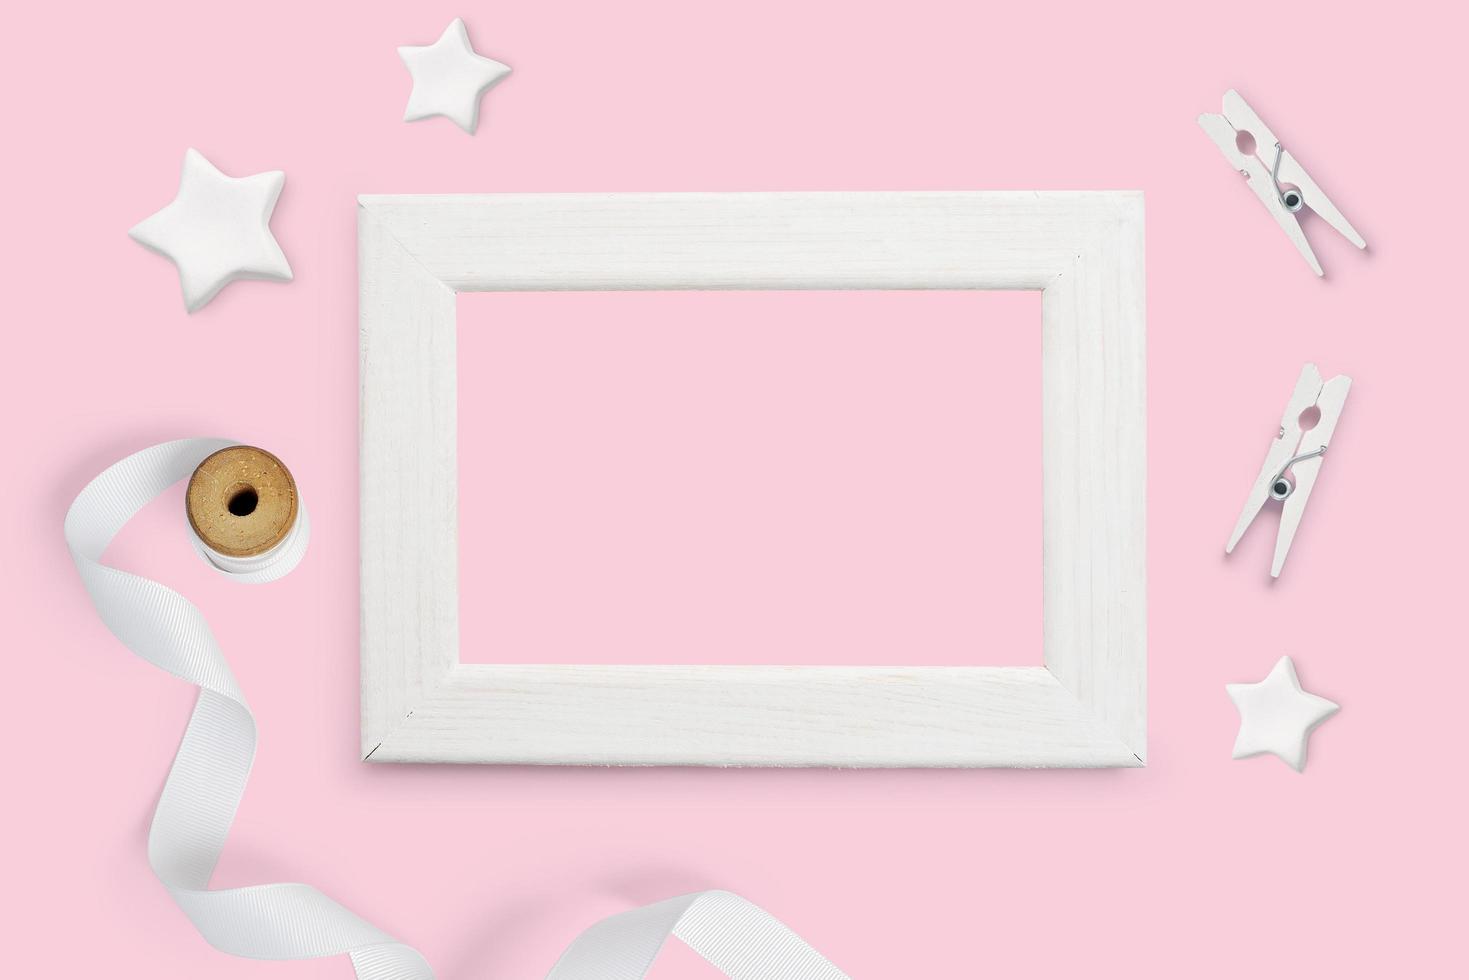 maqueta de marco de madera blanca, estrellas blancas, cinta y pinzas para la ropa foto